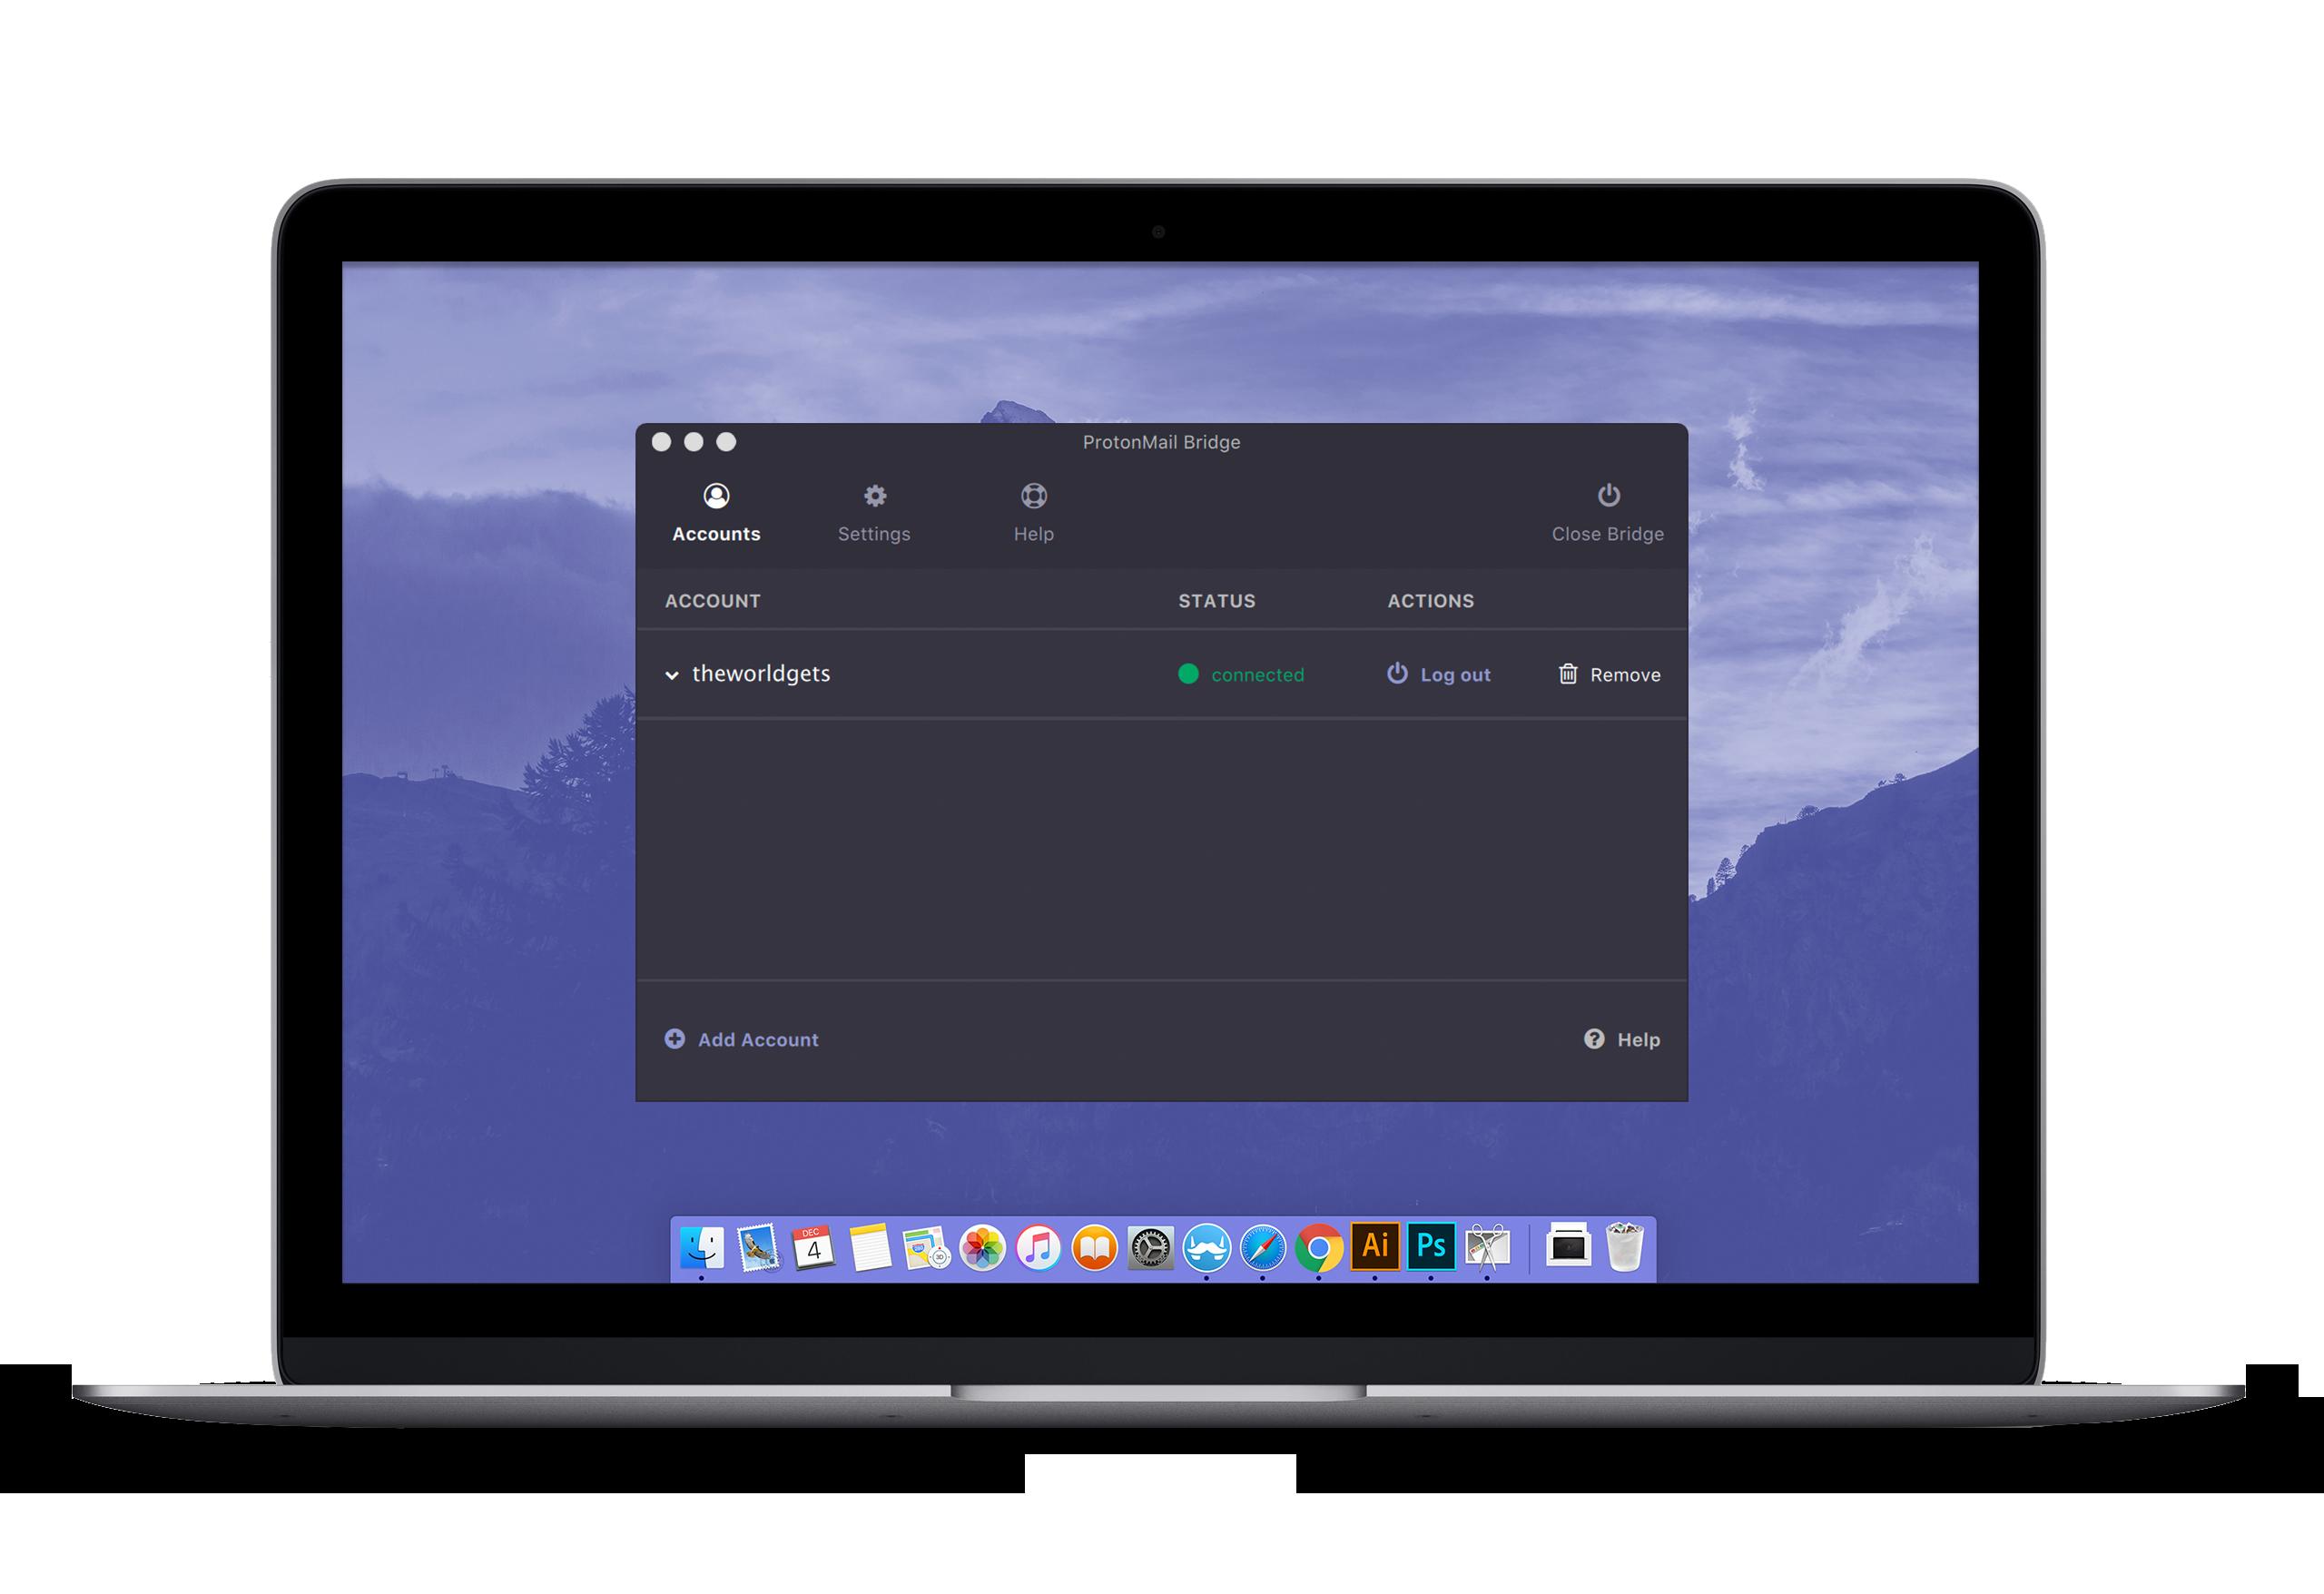 ProtonMail-Bridge-MacOS